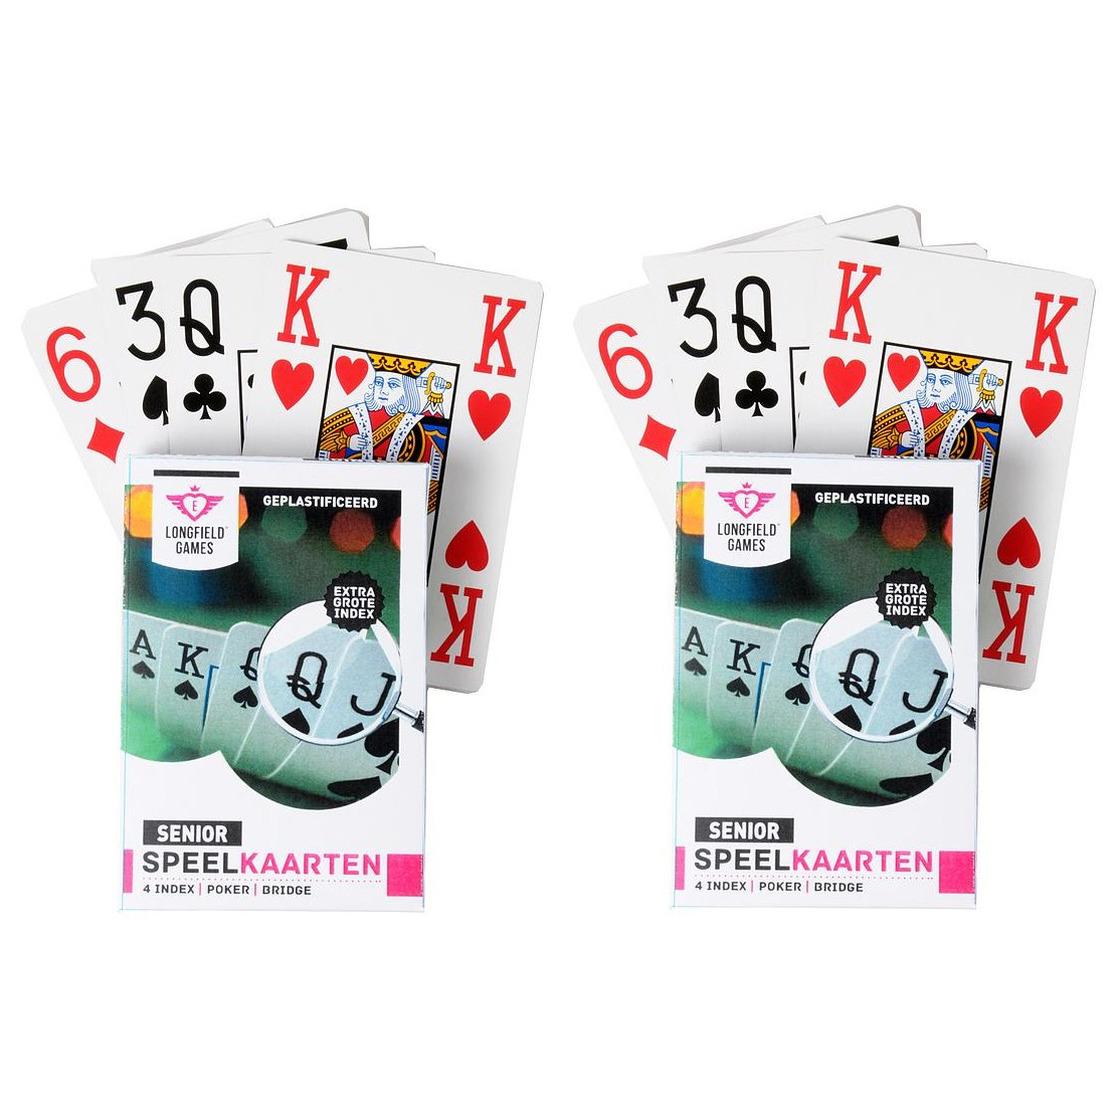 6x senioren speelkaarten plastic poker bridge kaartspel